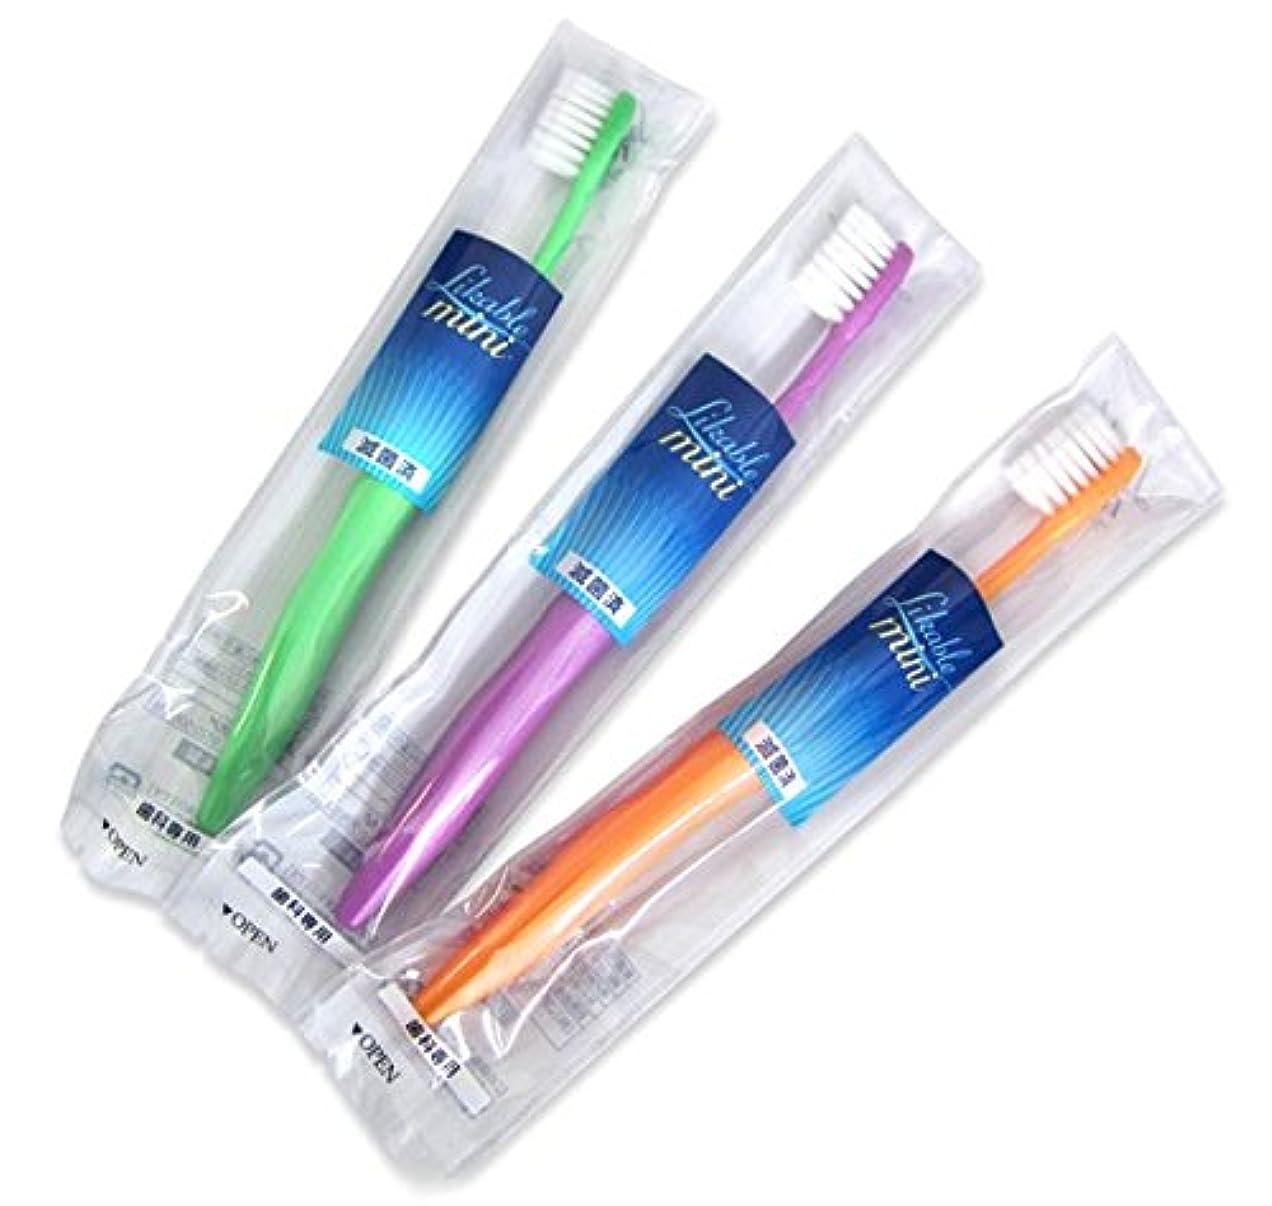 つぶやきやろうイタリアのライカブル ミニ歯ブラシ 12本入